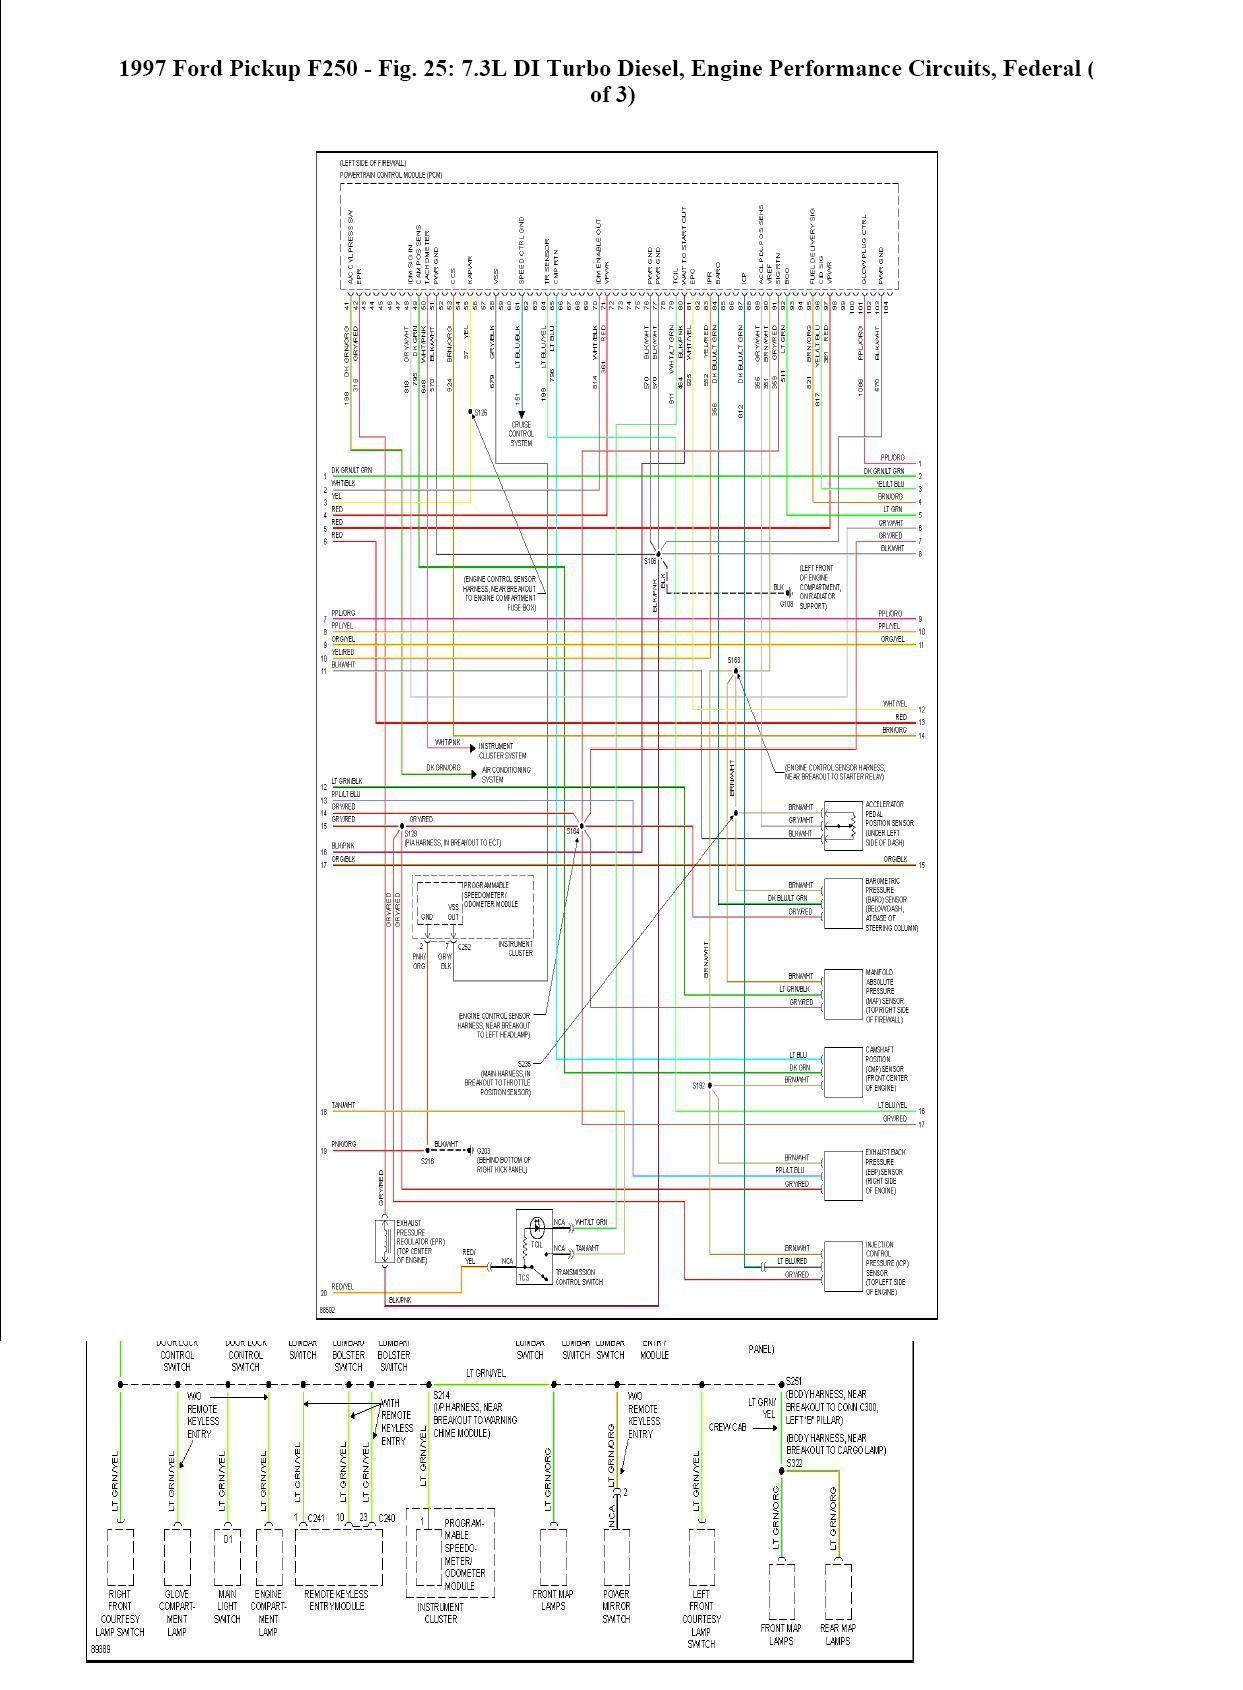 97 Ford F 350 Wiring | collude-decorati Wiring Diagram Page -  collude-decorati.reteambito.it | Ford F 350 Engine Schematic |  | Rete territoriale di ambito 2